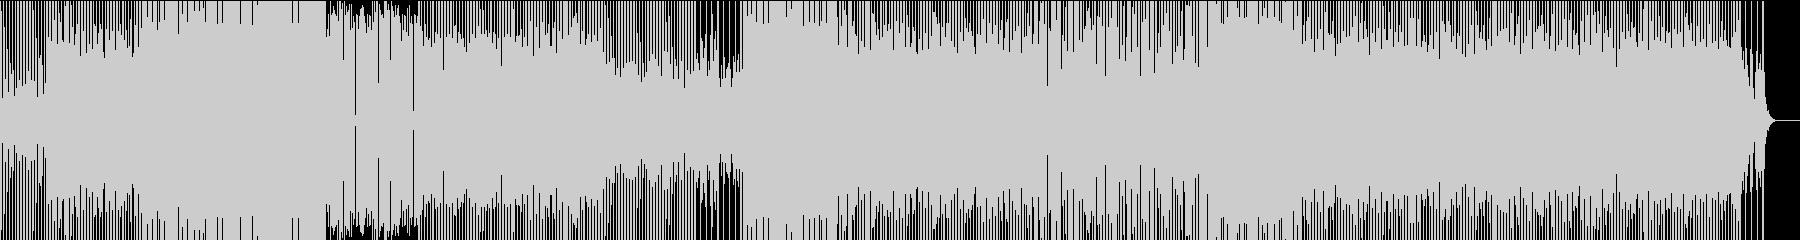 少し暗めのテクノポップの未再生の波形